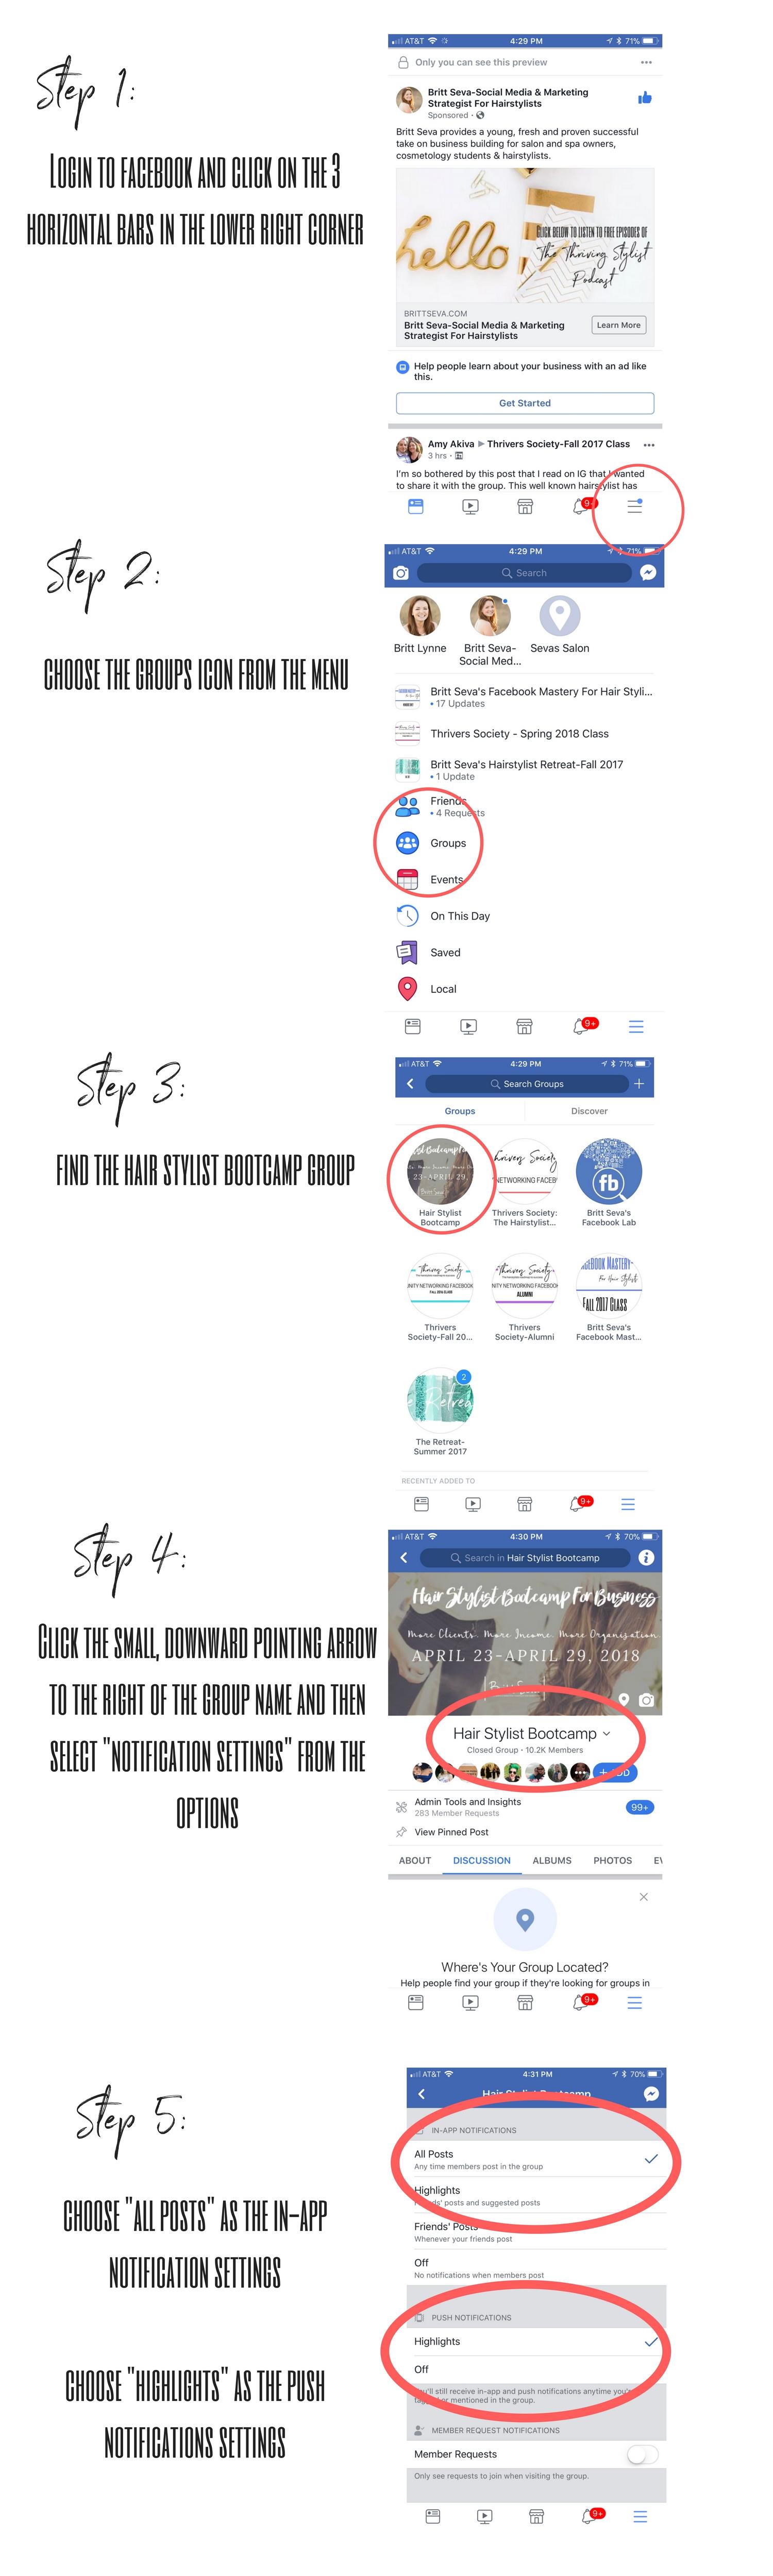 Step 1_.jpg